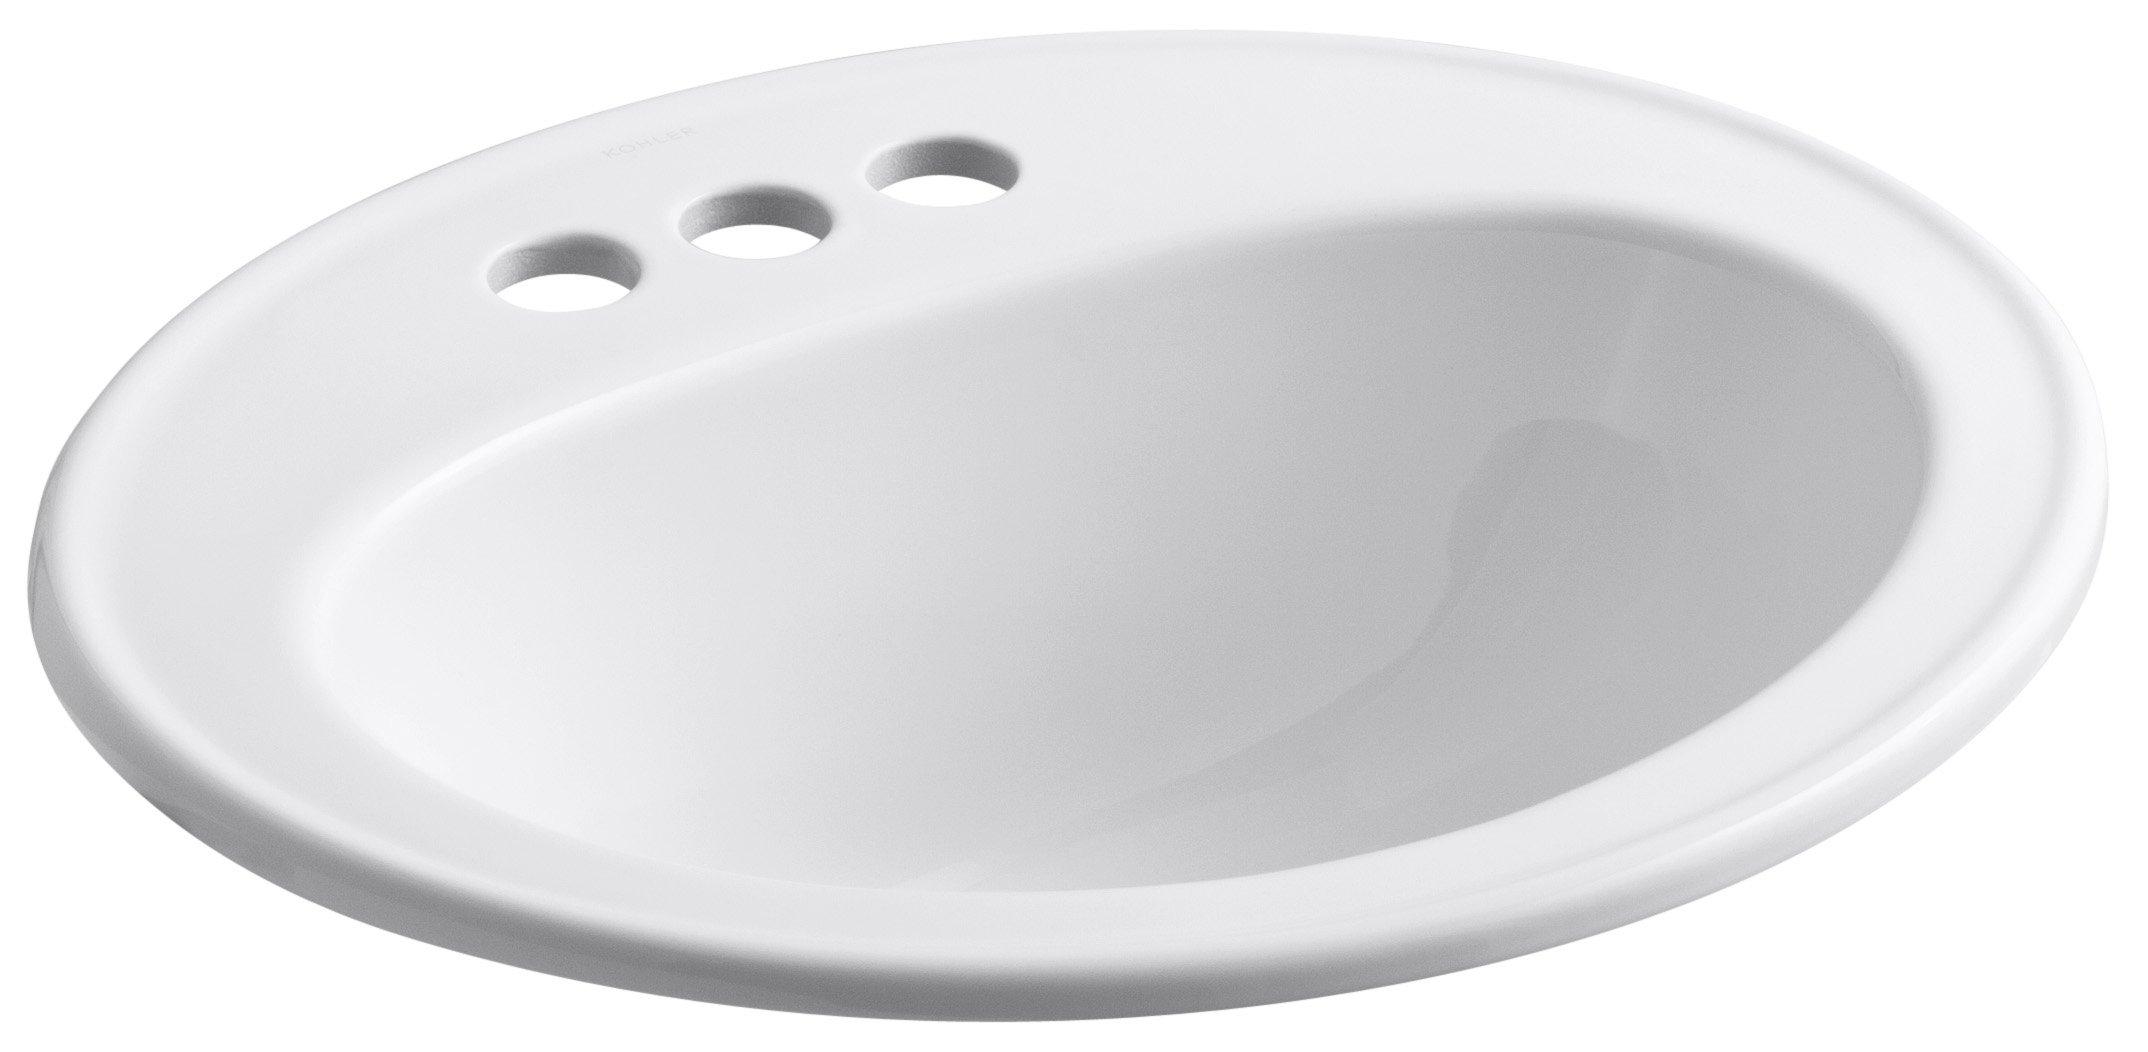 KOHLER K-2196-4-0 Pennington Self-Rimming Bathroom Sink, White